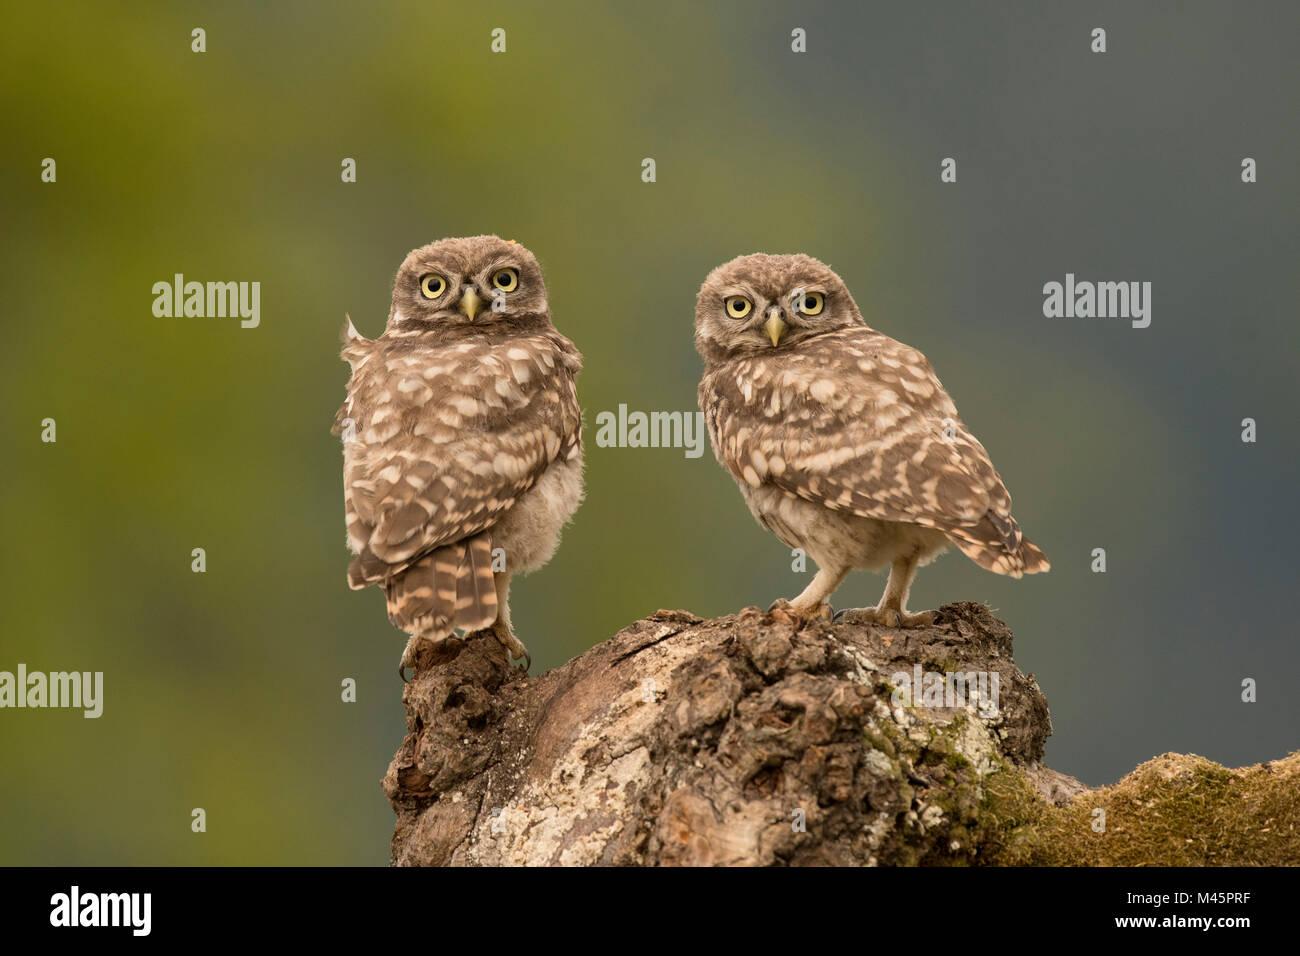 Steinkäuze (Athene noctua), sitzend, direkter Blick, Rheinland-Pfalz, Deutschland Stockfoto